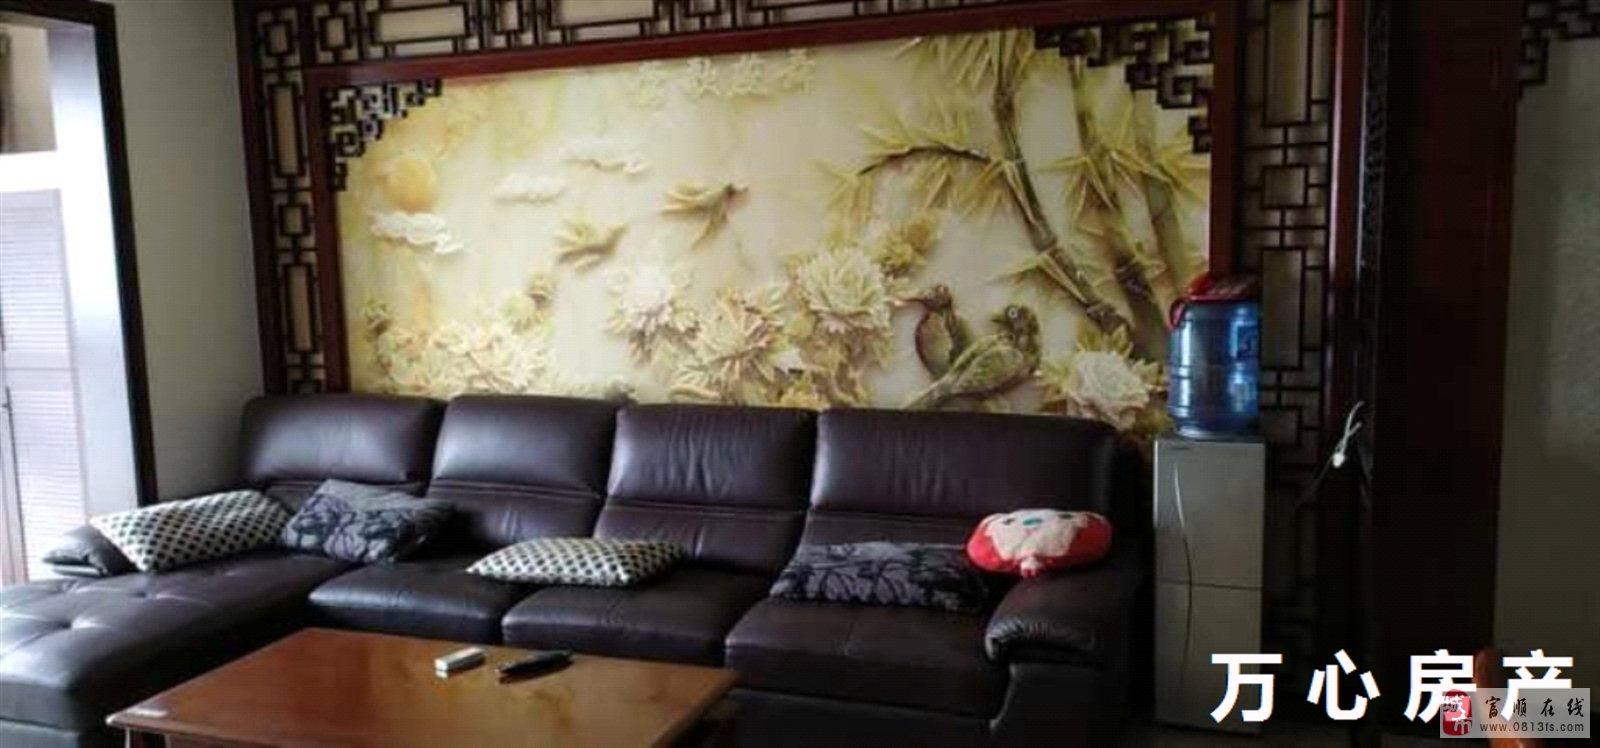 翰林府邸3室2厅2卫豪华装修全一线品牌家具